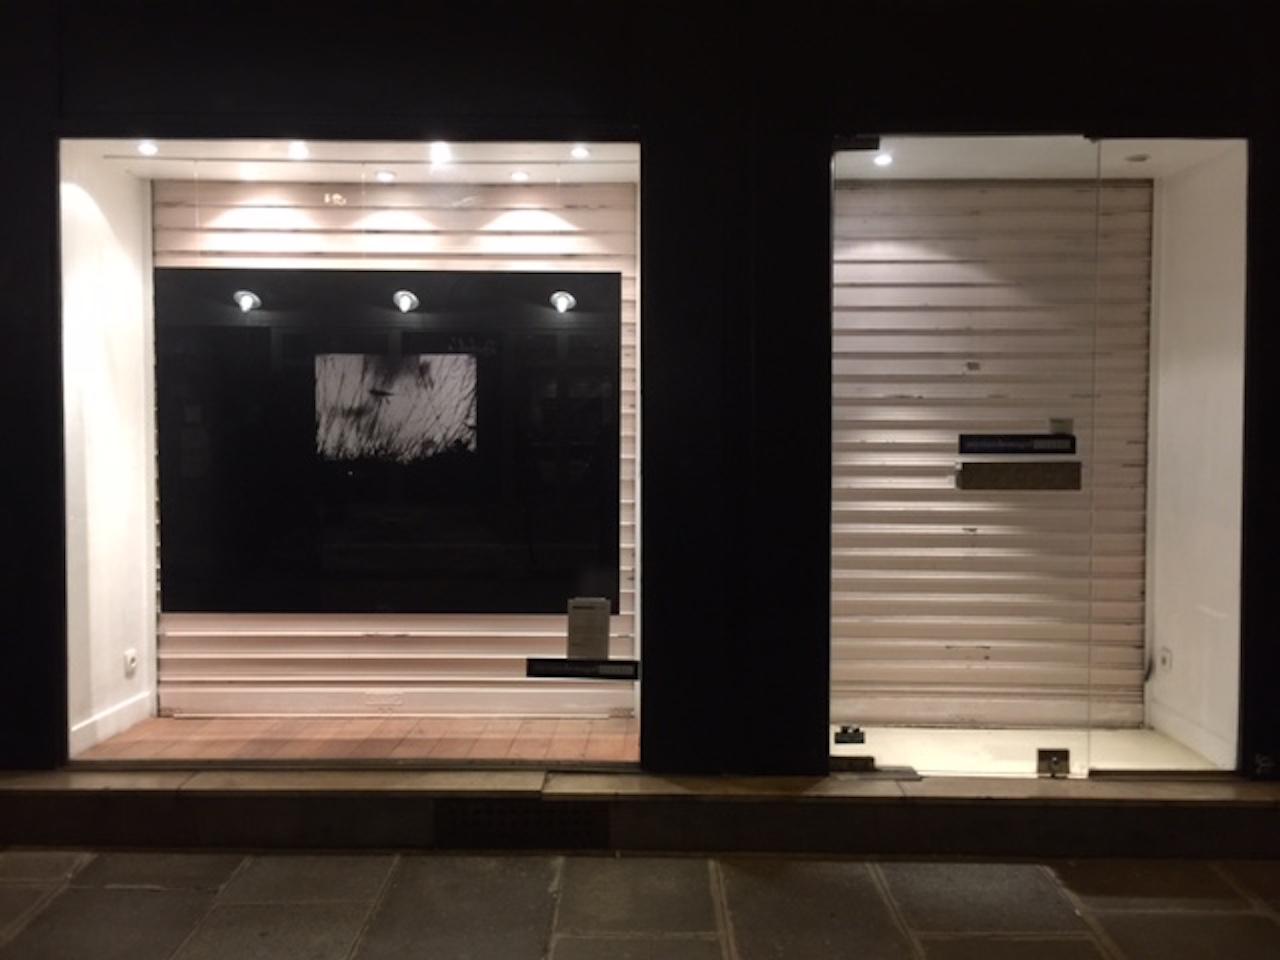 2-Myriam Bougal Galerie-Sleep with me-2015-Paris-2.JPG